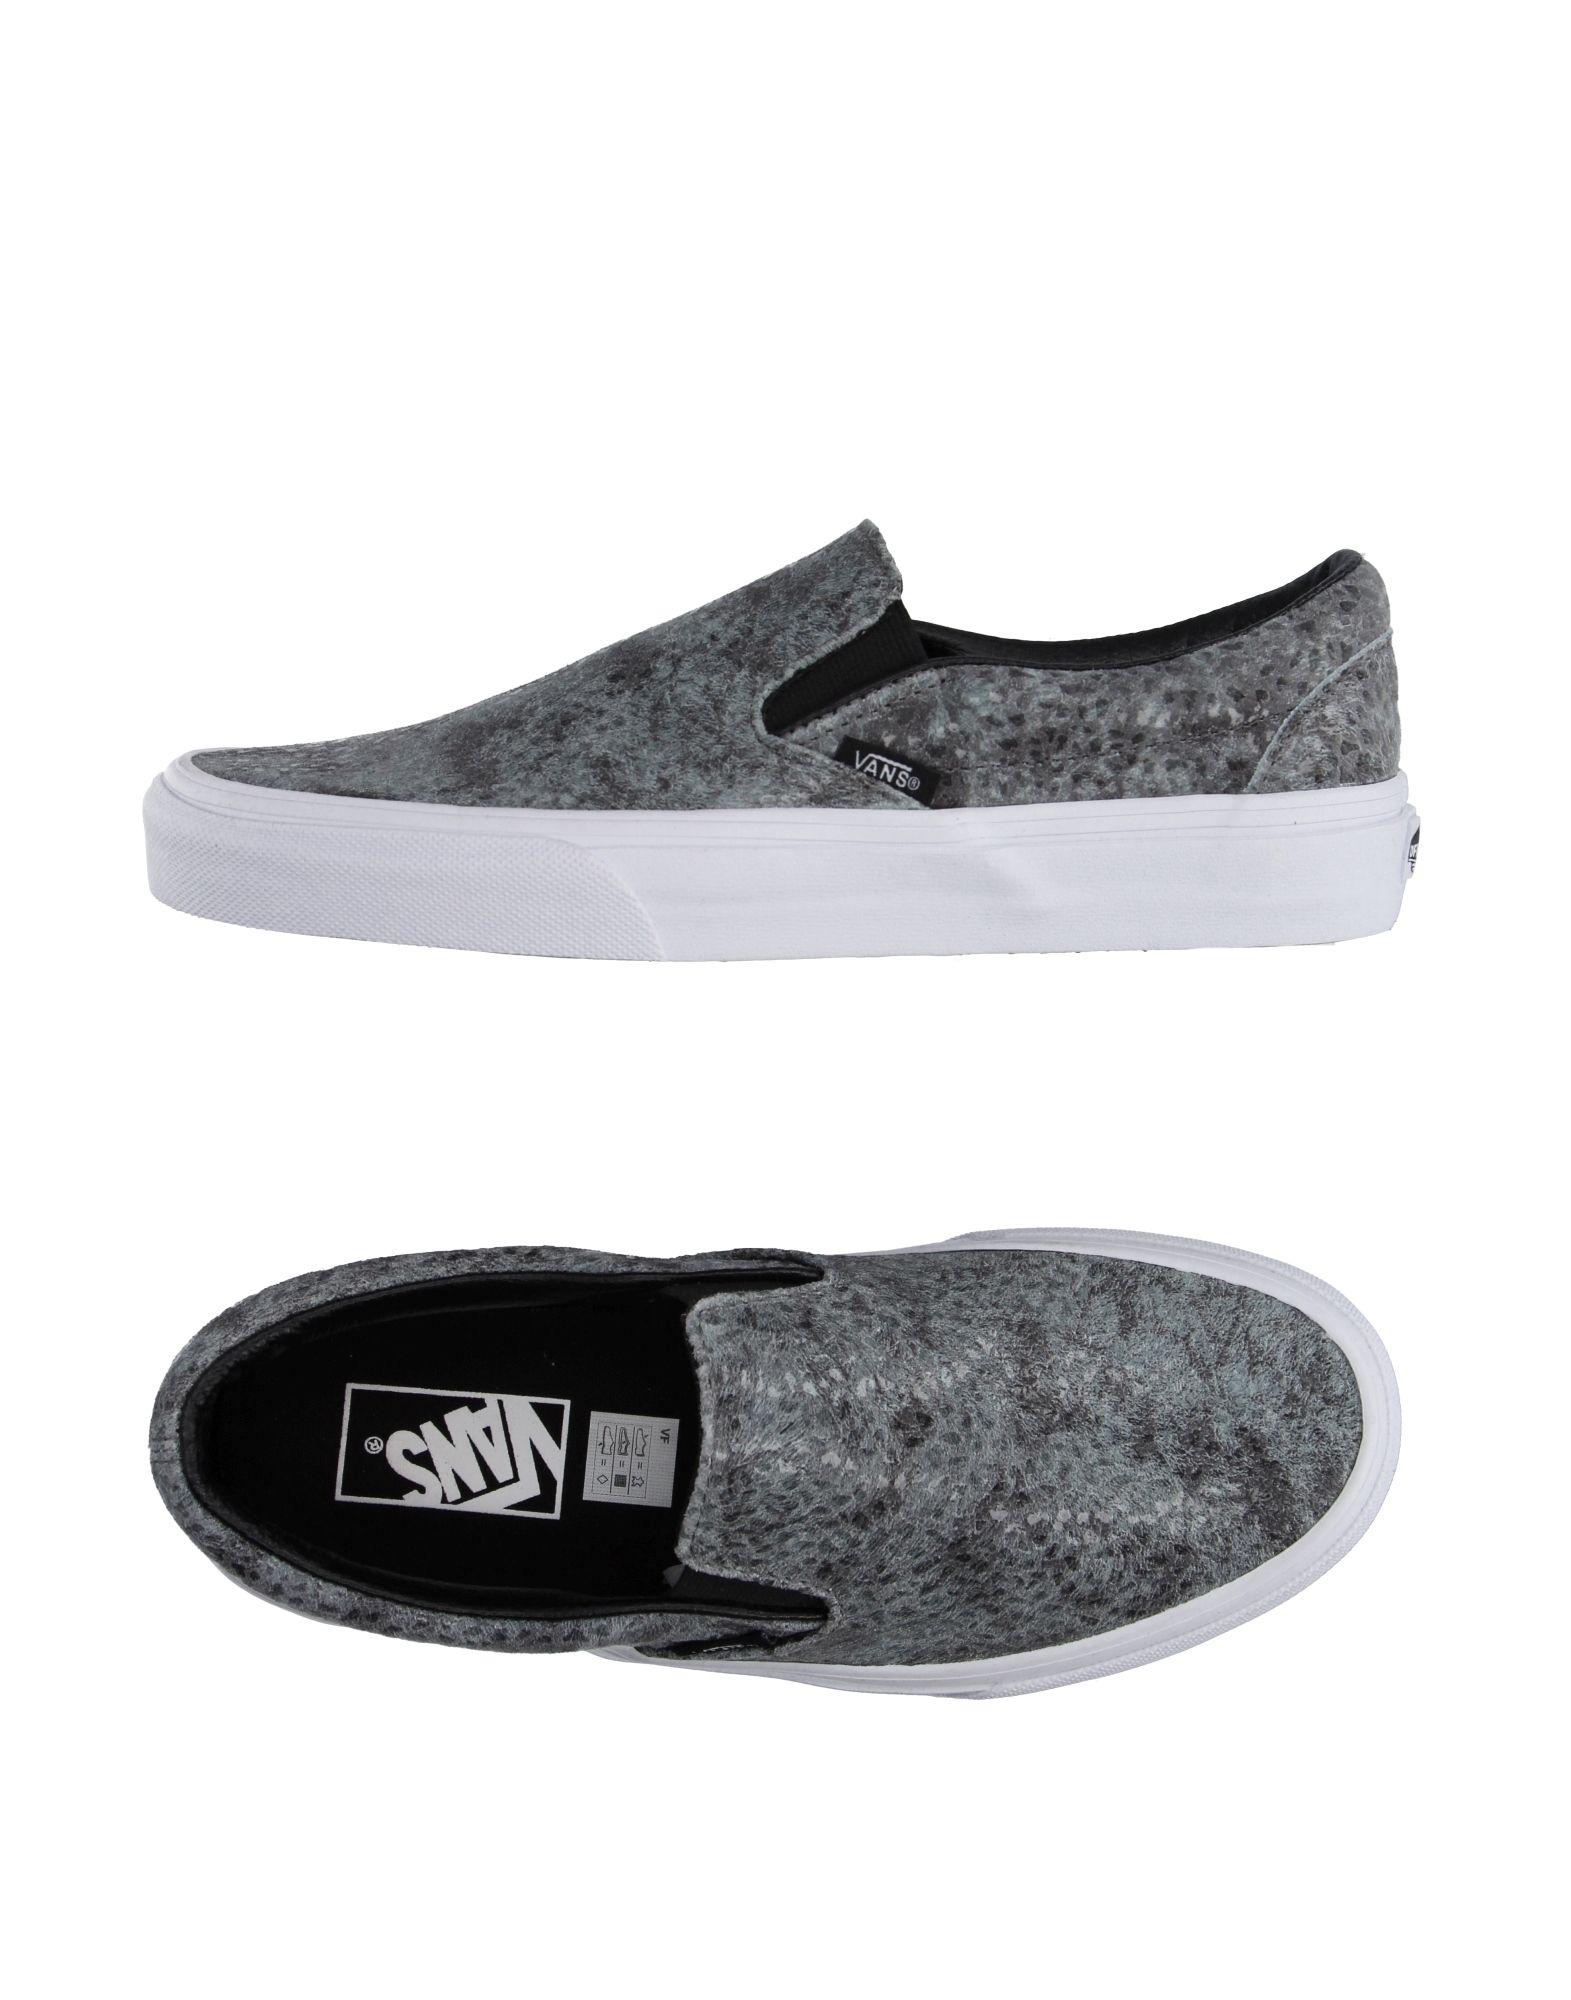 Vans Sneakers Damen  11041486CH Schuhe Gute Qualität beliebte Schuhe 11041486CH 3f21db